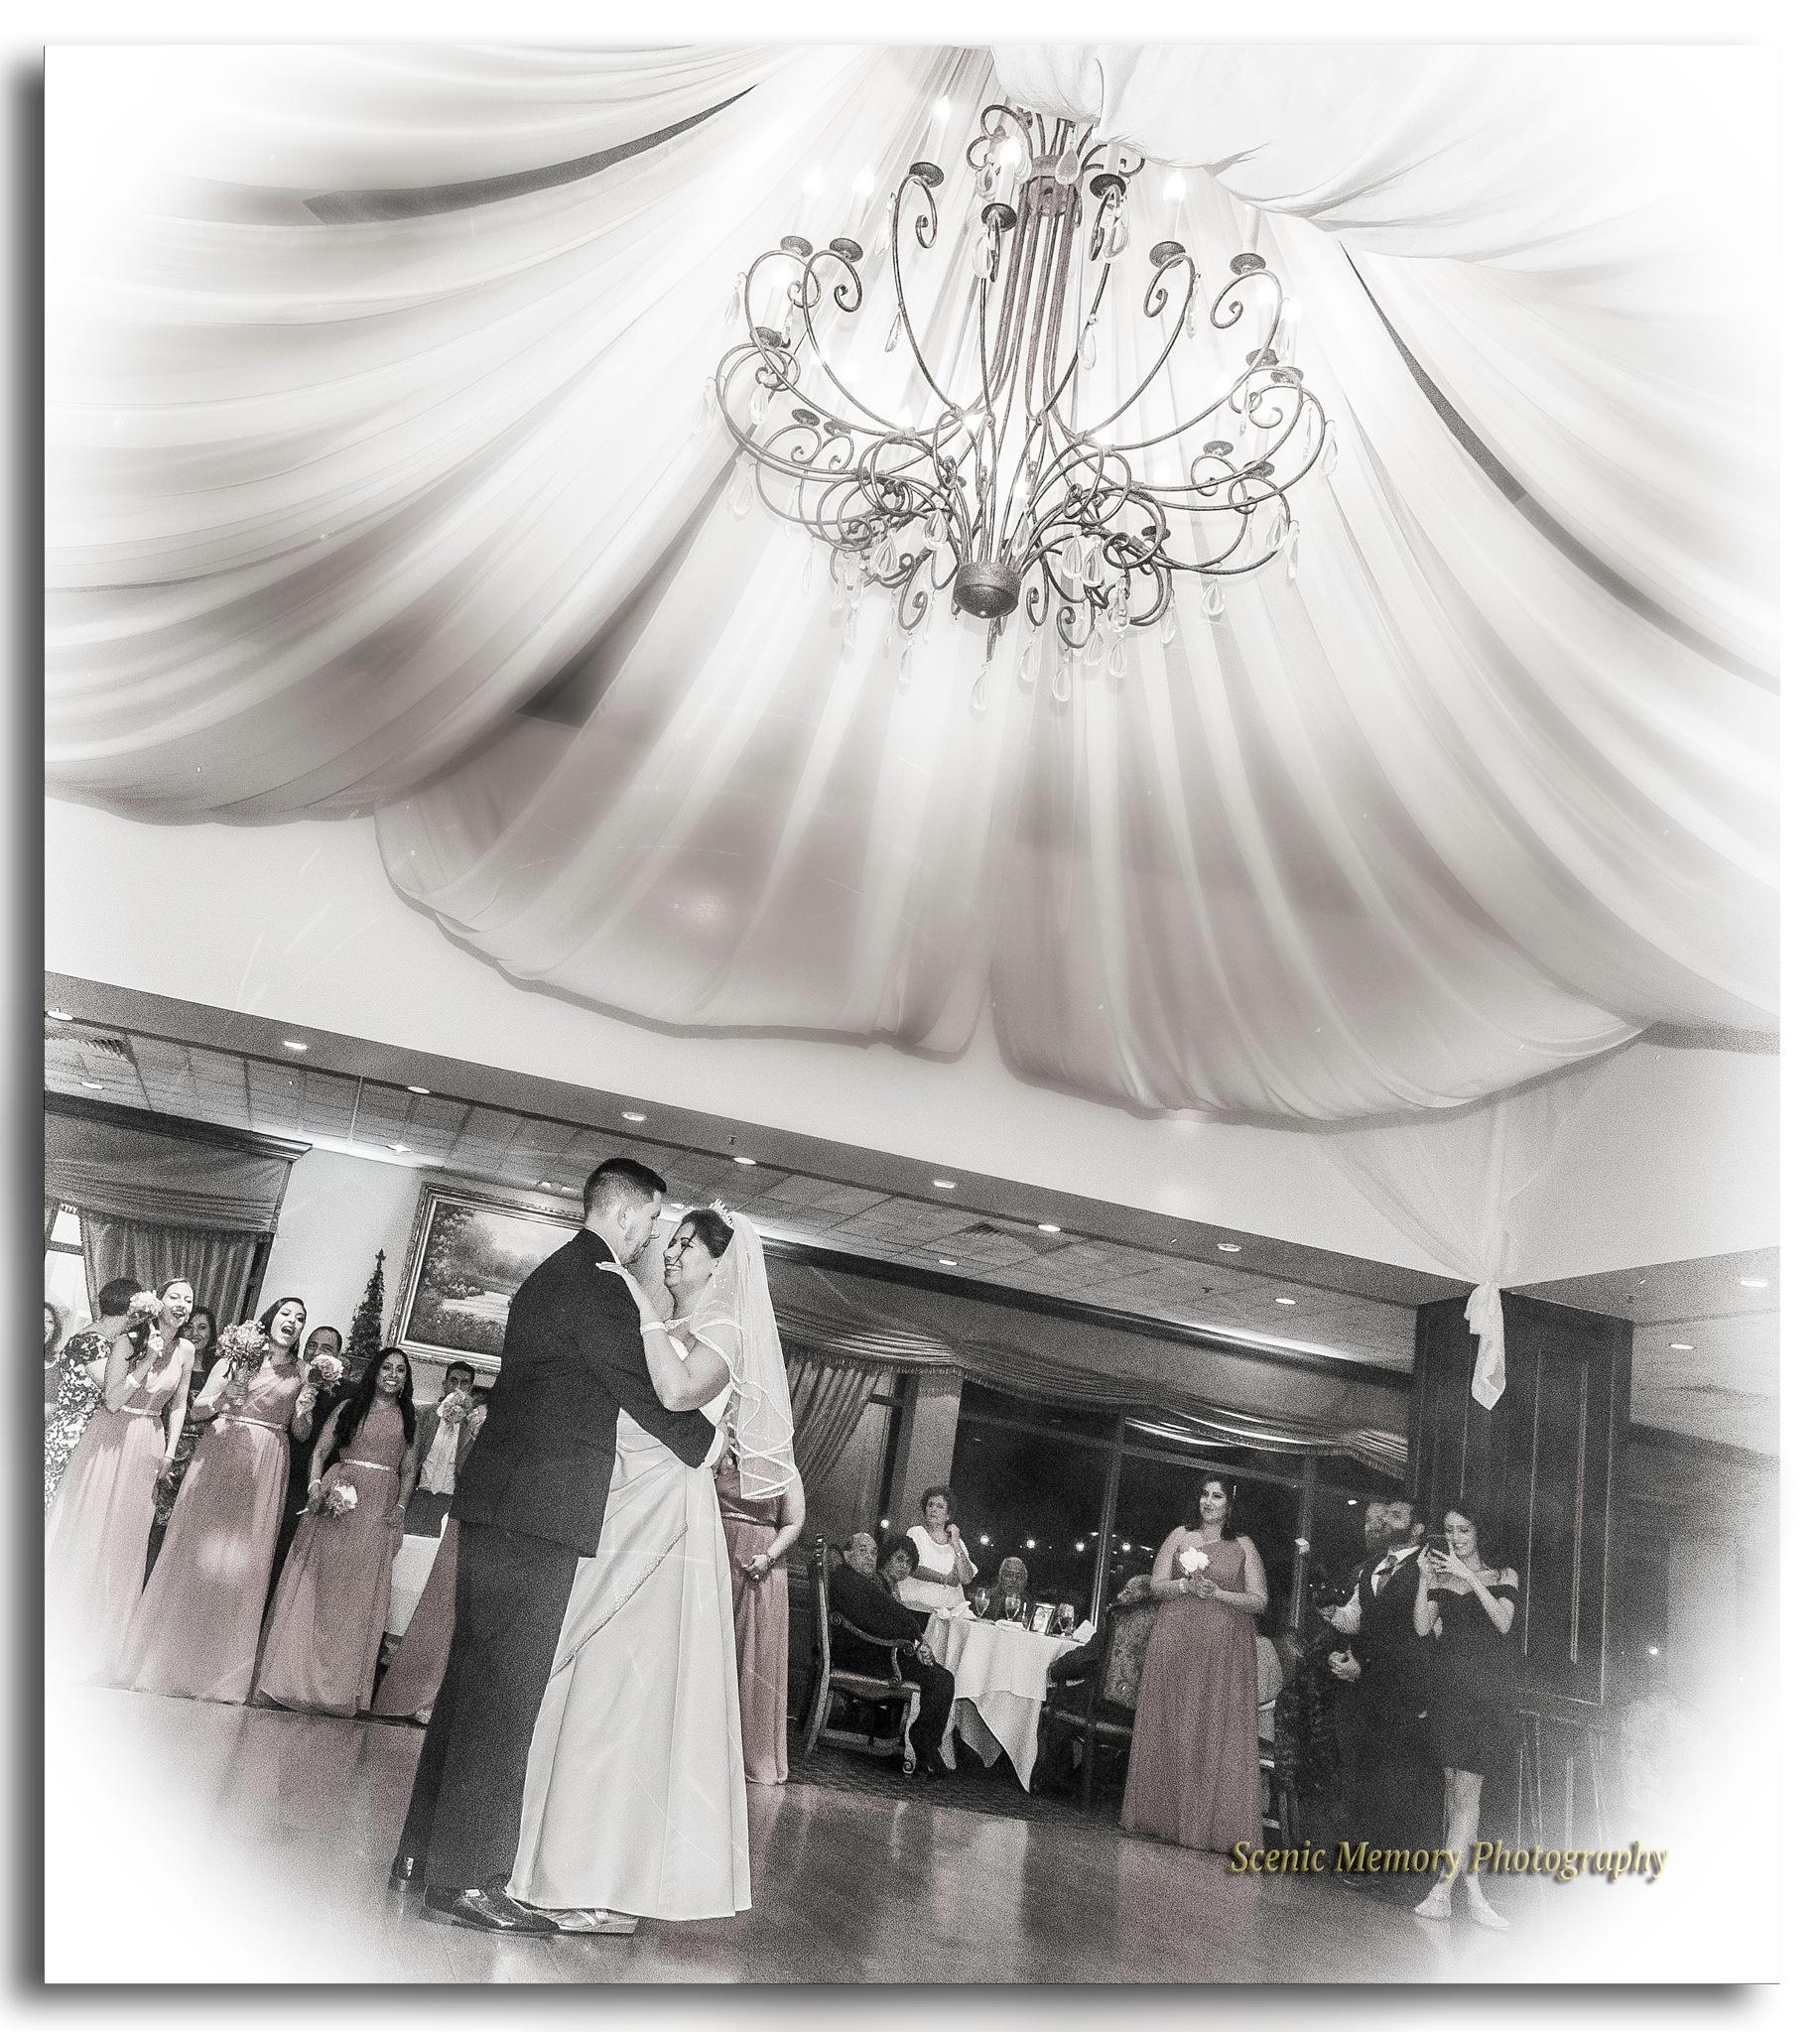 Mary's Wedding 10 B/W by albair.hanna.9